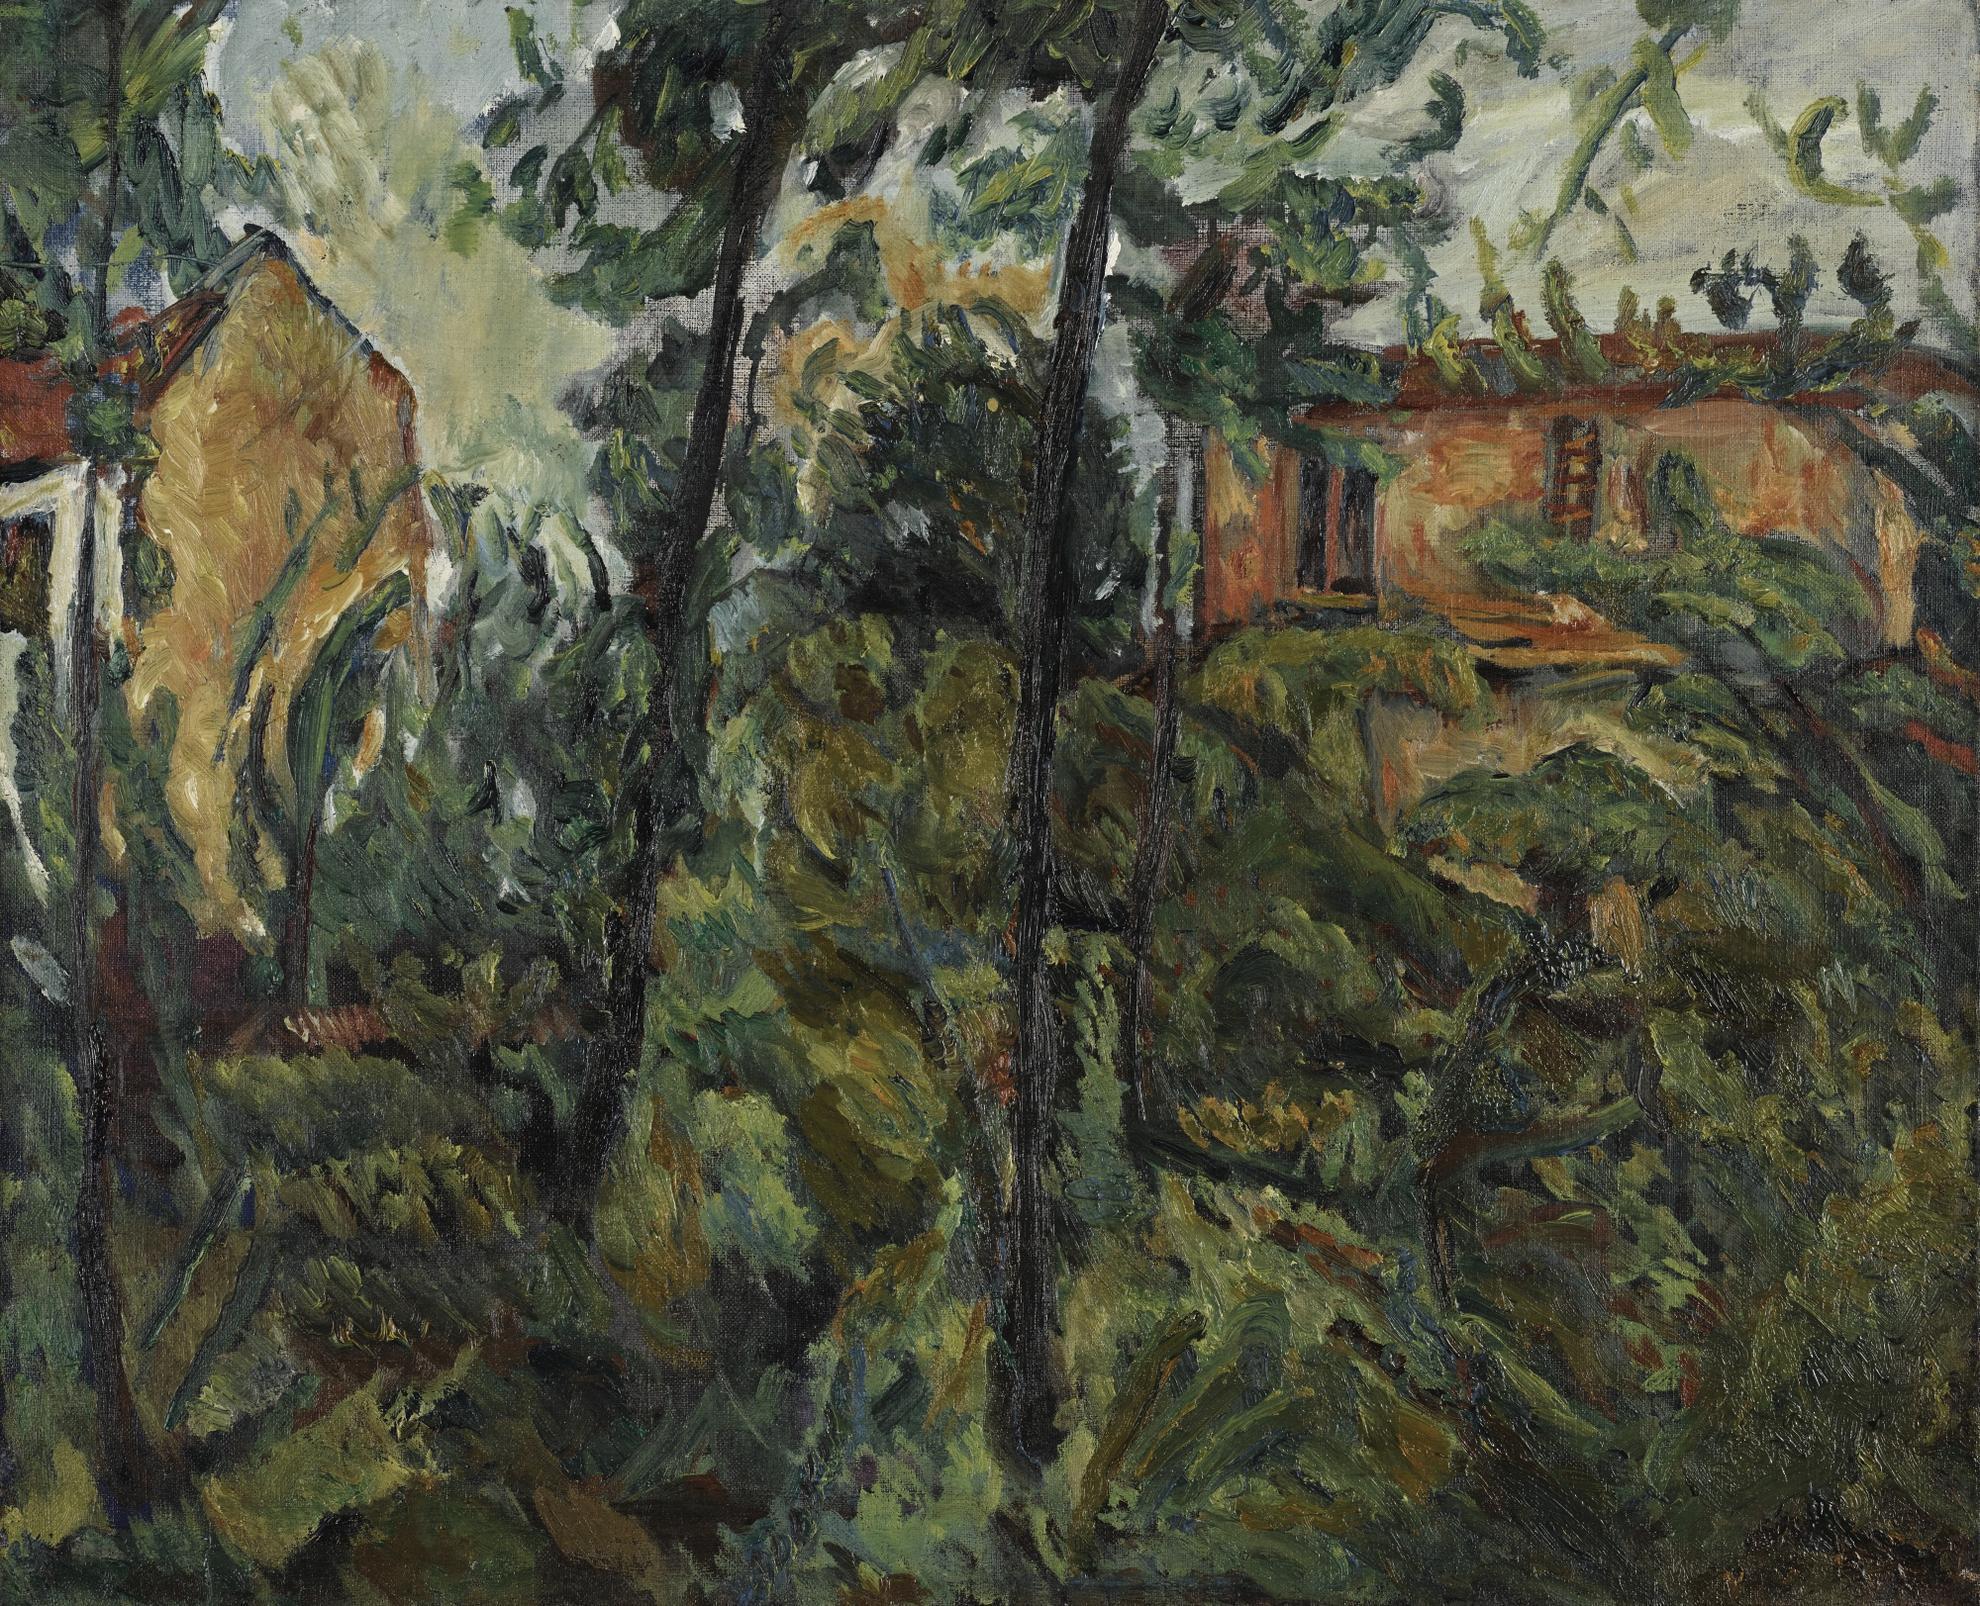 Chaim Soutine-Paysage Avec Maisons-1918